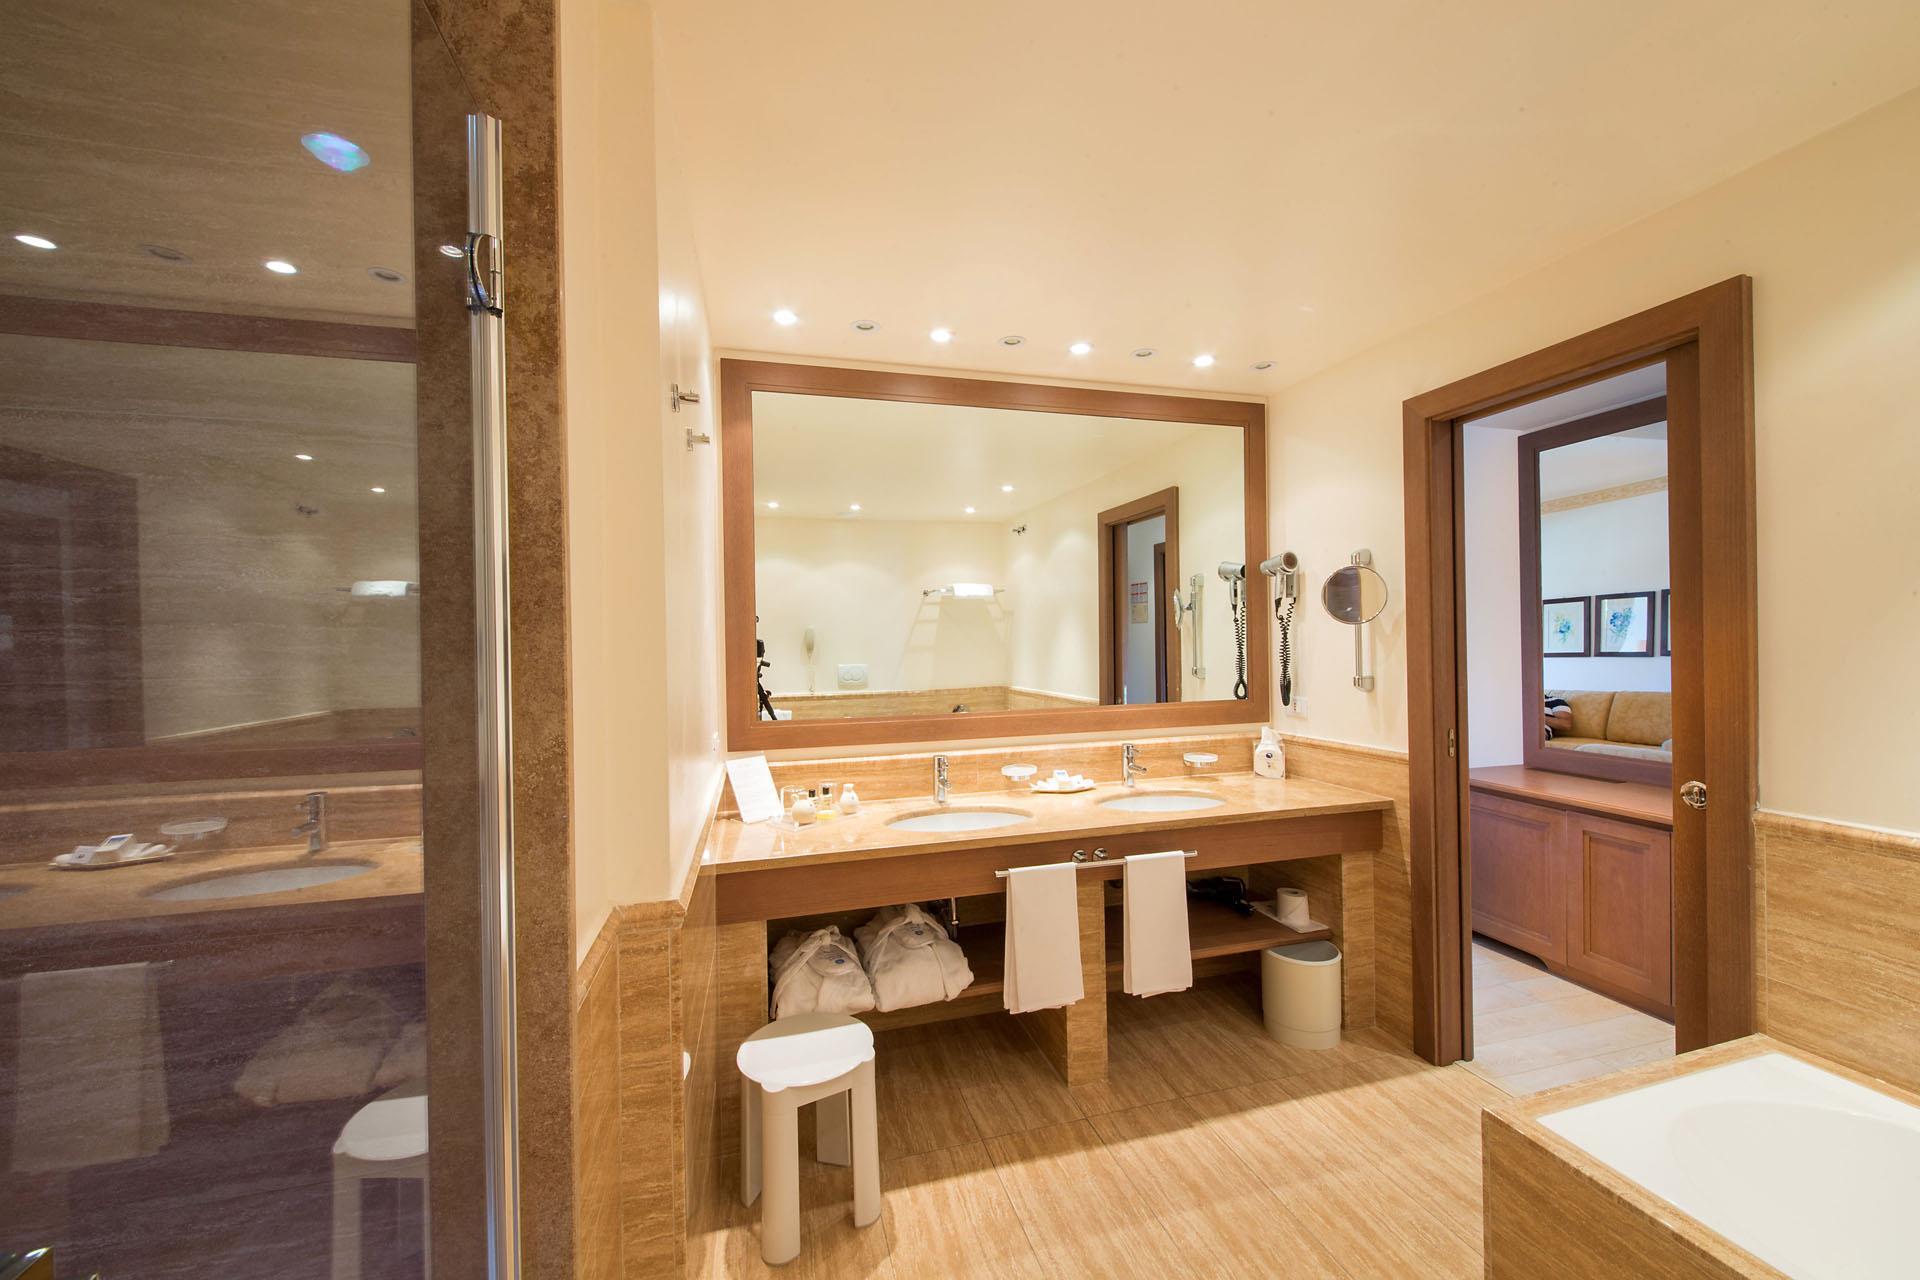 Stanze Da Bagno Piccole : Stanza da bagno mobrì u2013 al fianco delle famiglie di oggi e di domani